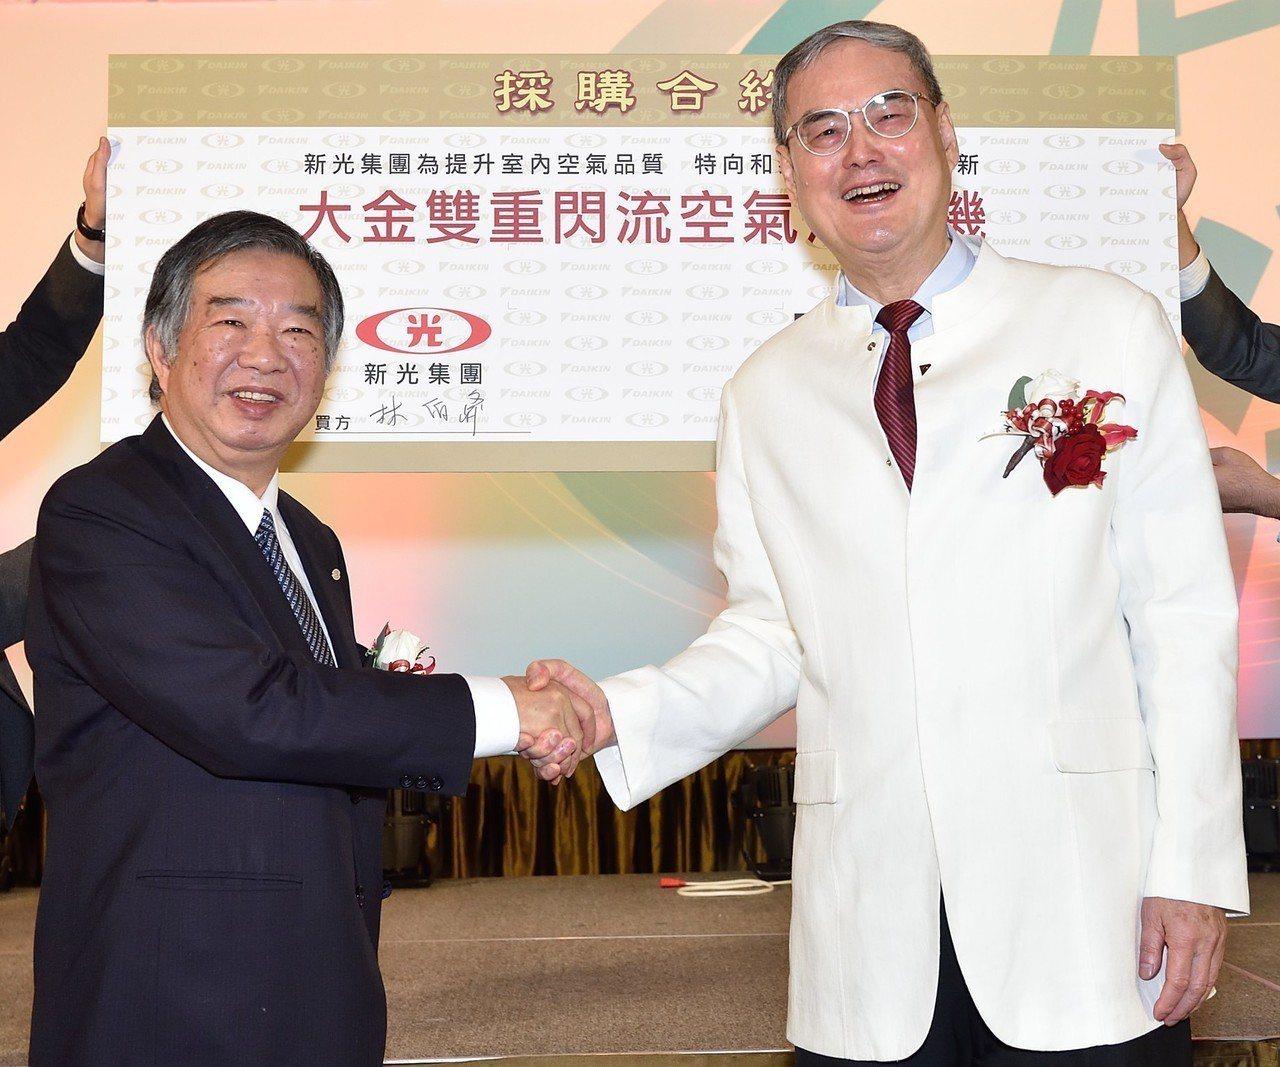 新光保全董事長林伯峰(左)與和泰興業董事長蘇一仲(右)宣布簽約合作新光新板傑仕堡...